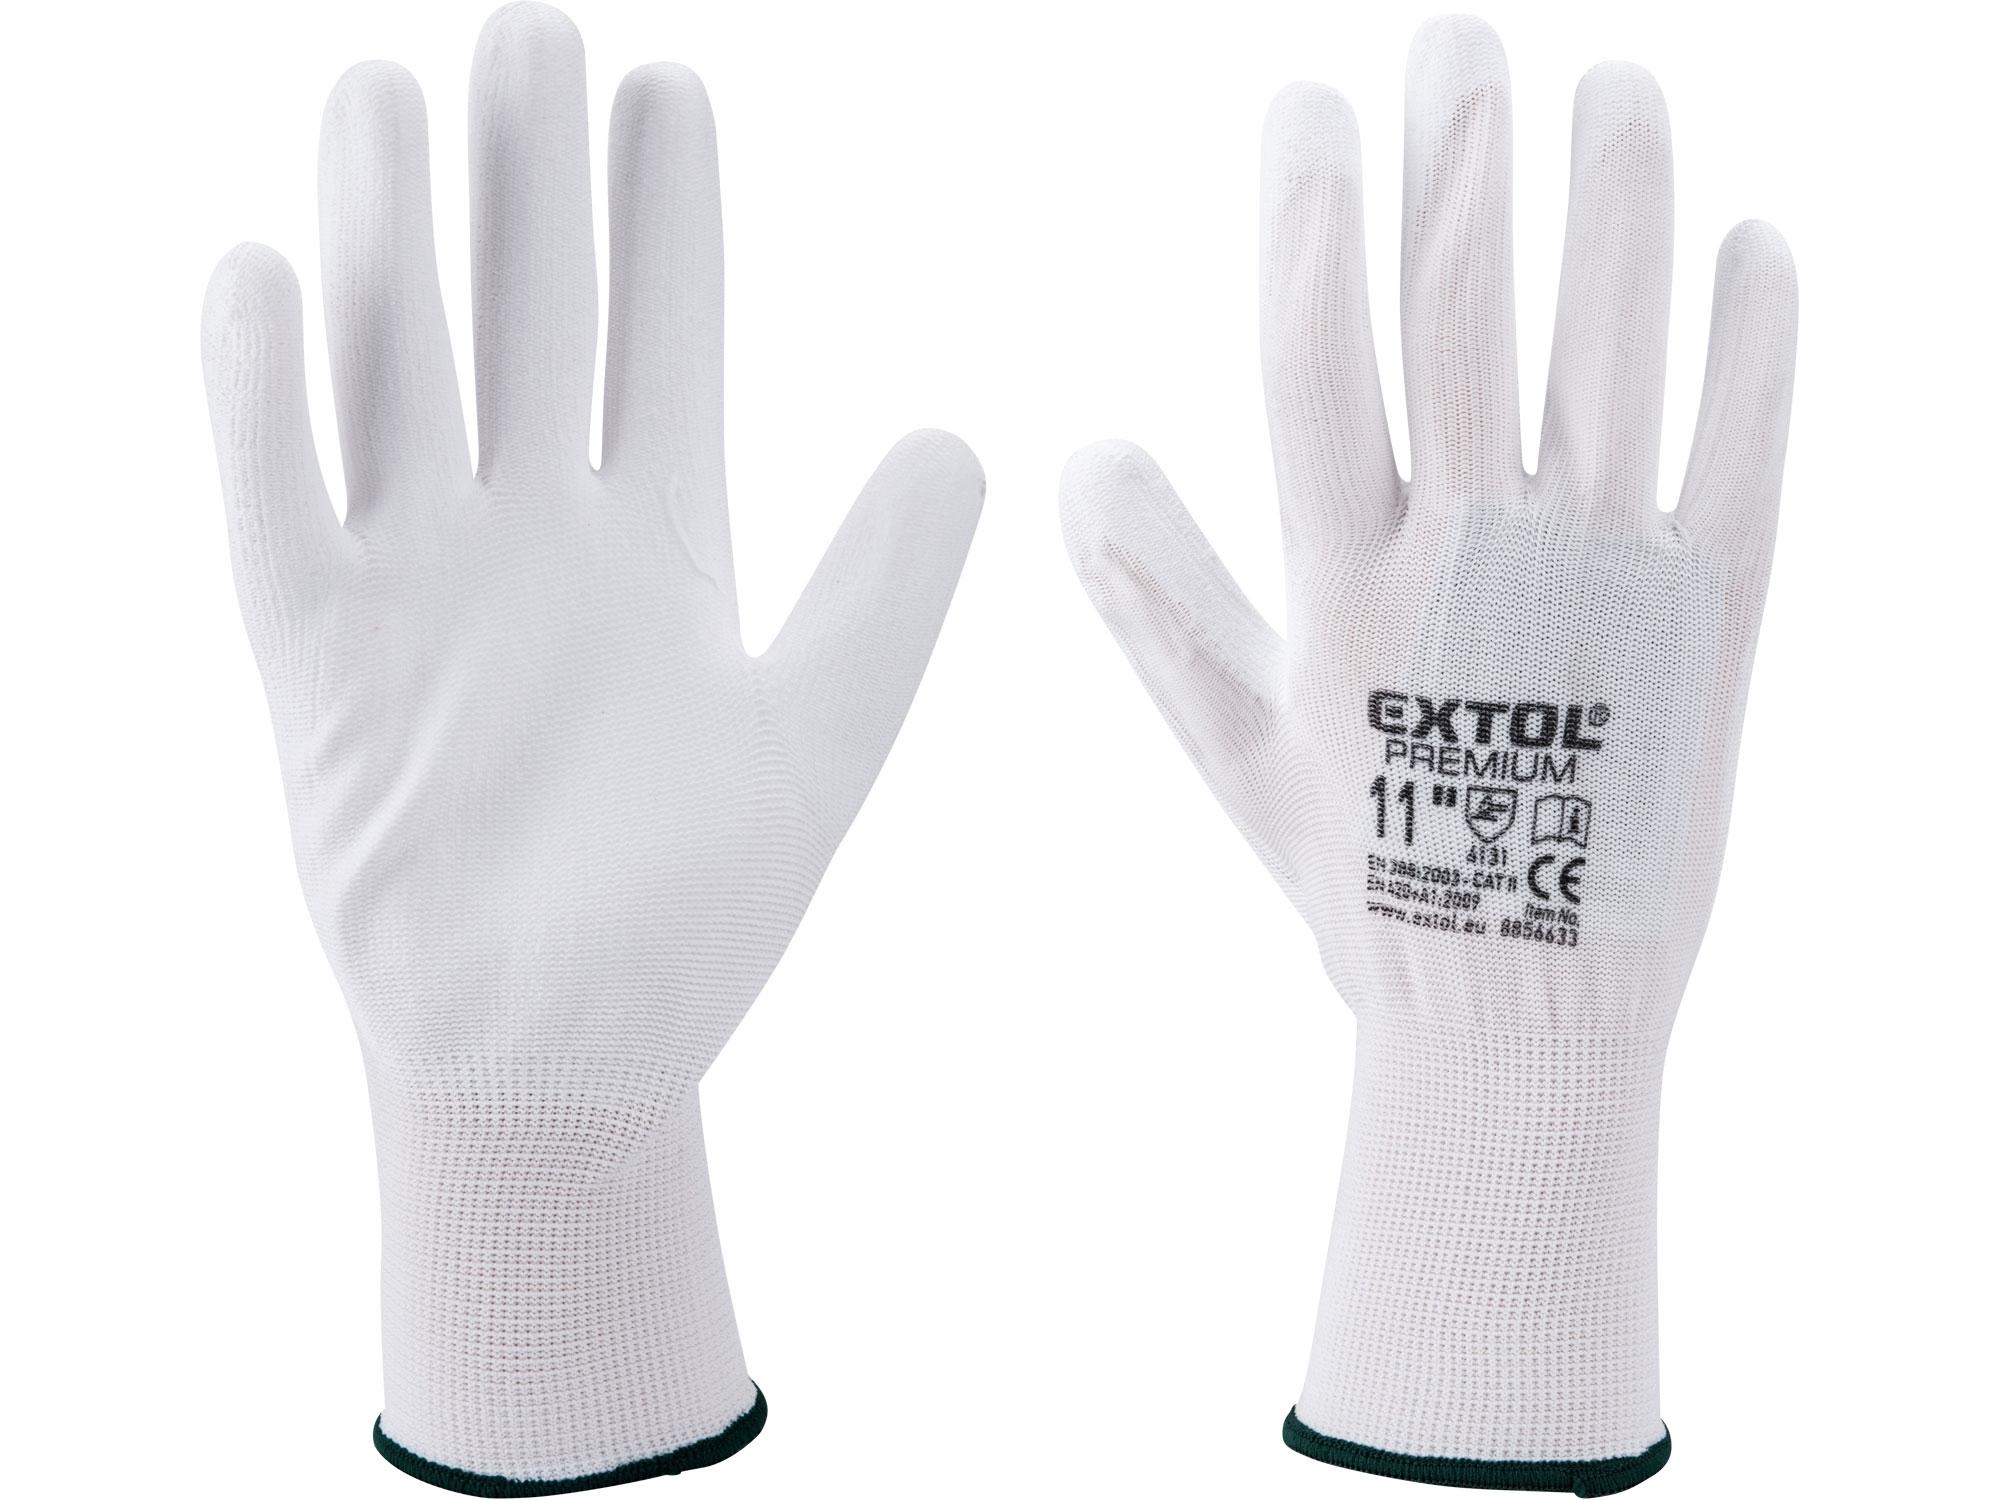 """rukavice z polyesteru polomáčené v PU, bílé, velikost 11"""", EXTOL PREMIUM 8856633"""